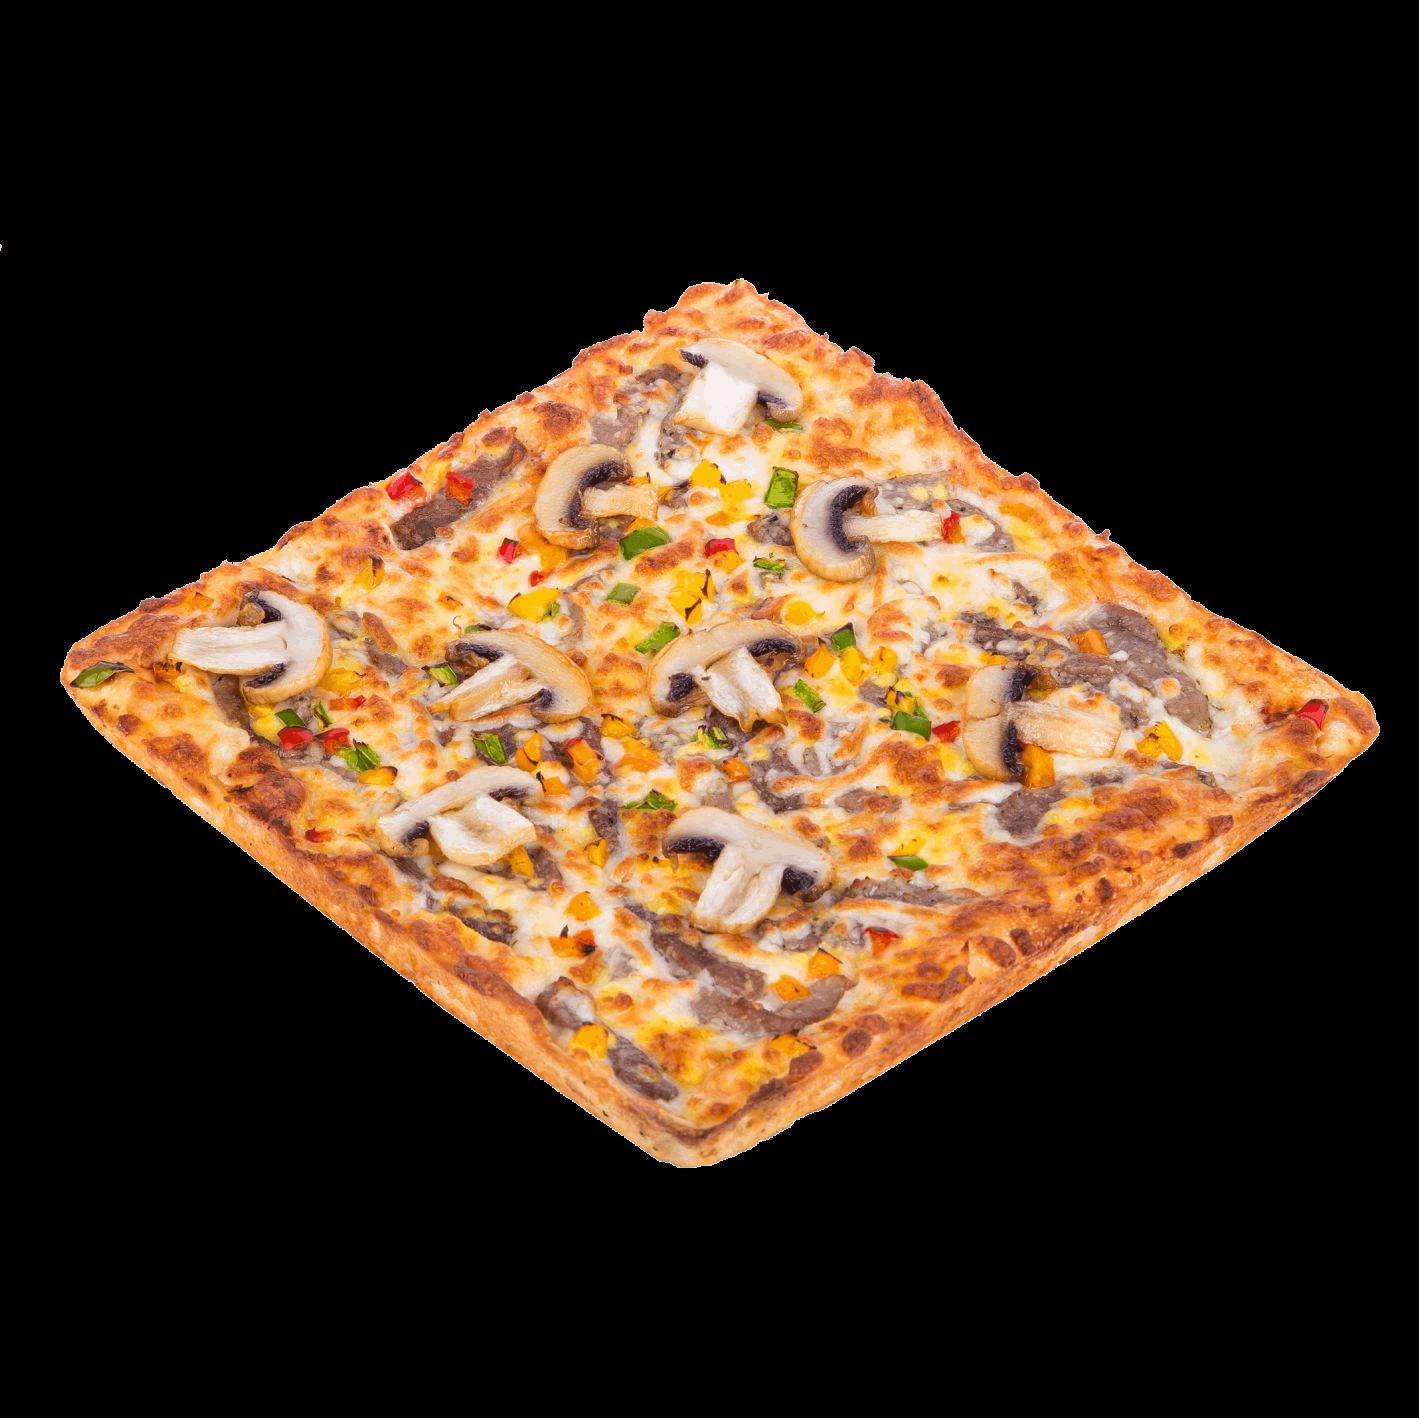 استیک پیتزا رستوران های بین المللی عطاویچ